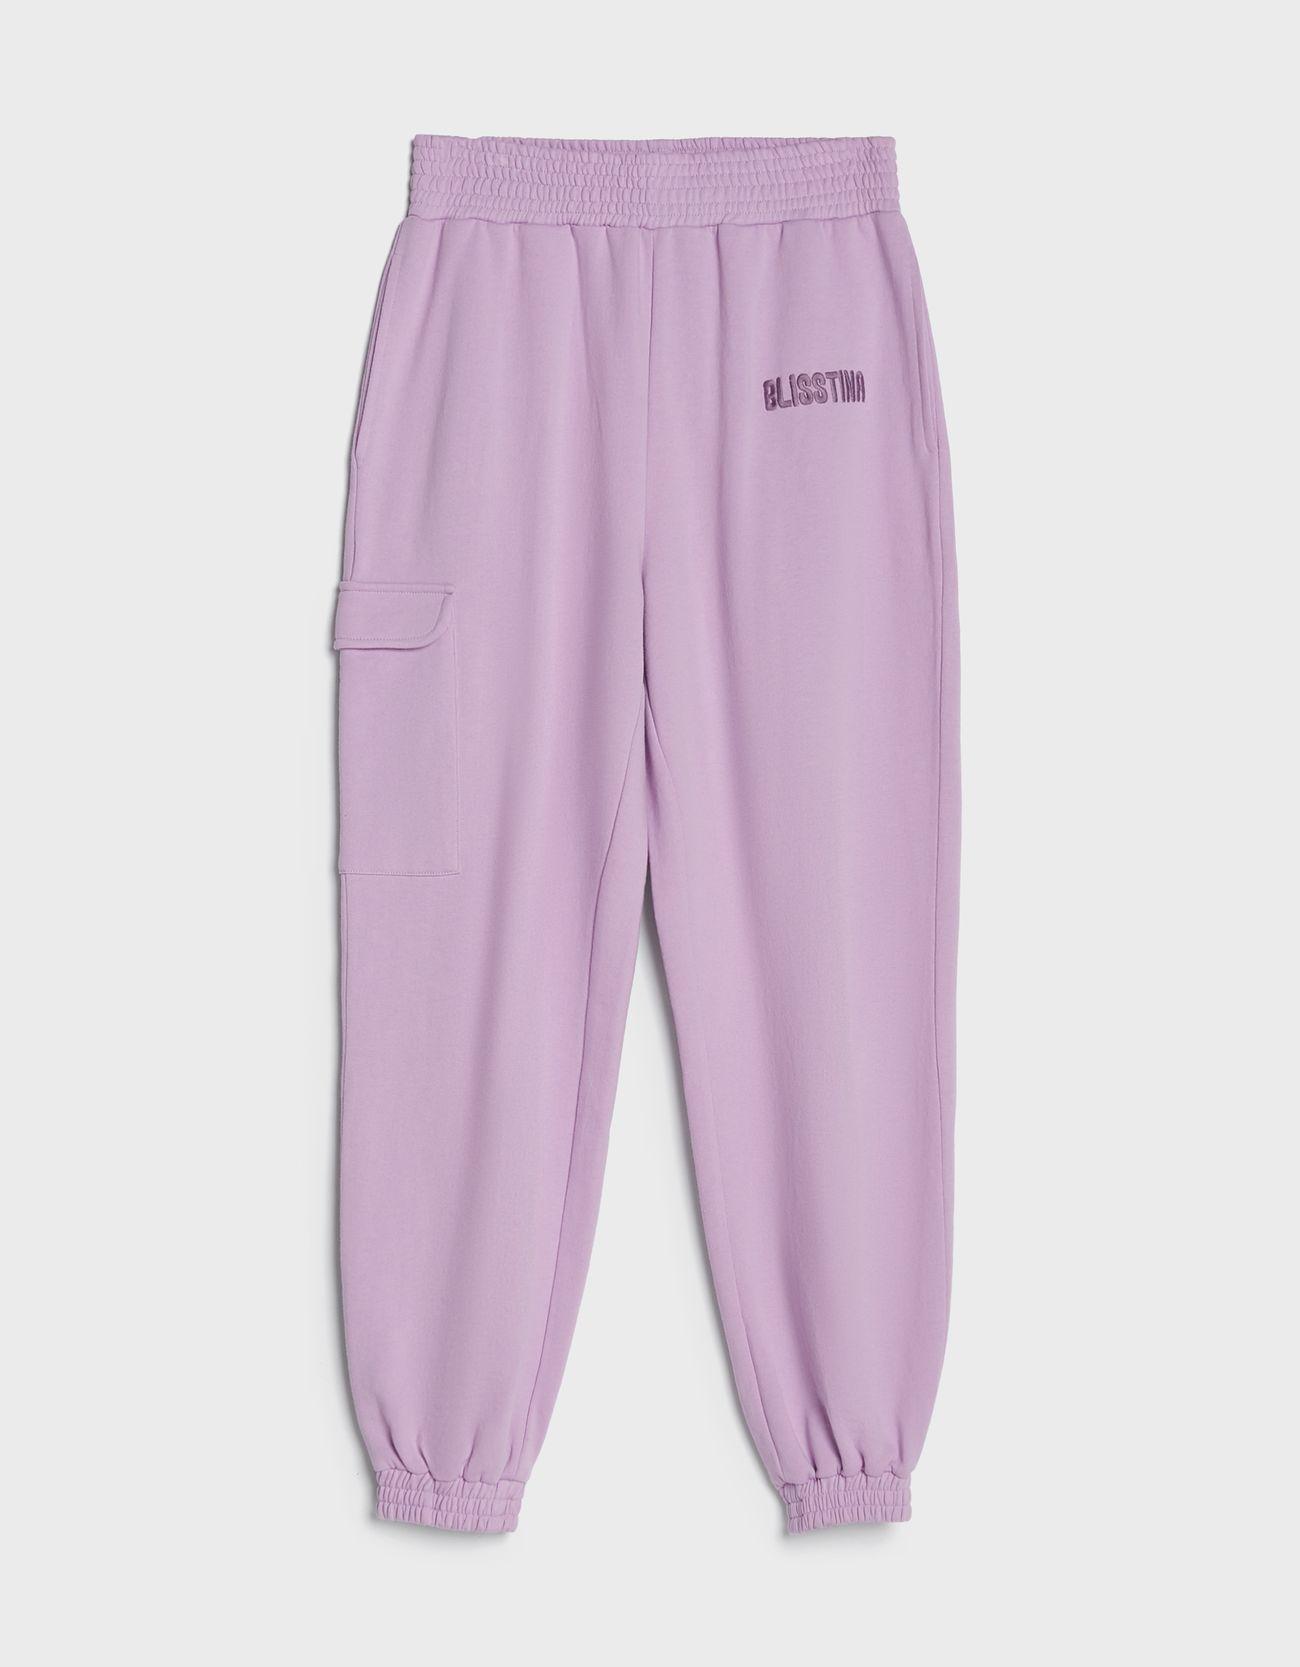 Pantalón tipo jogger en violeta.